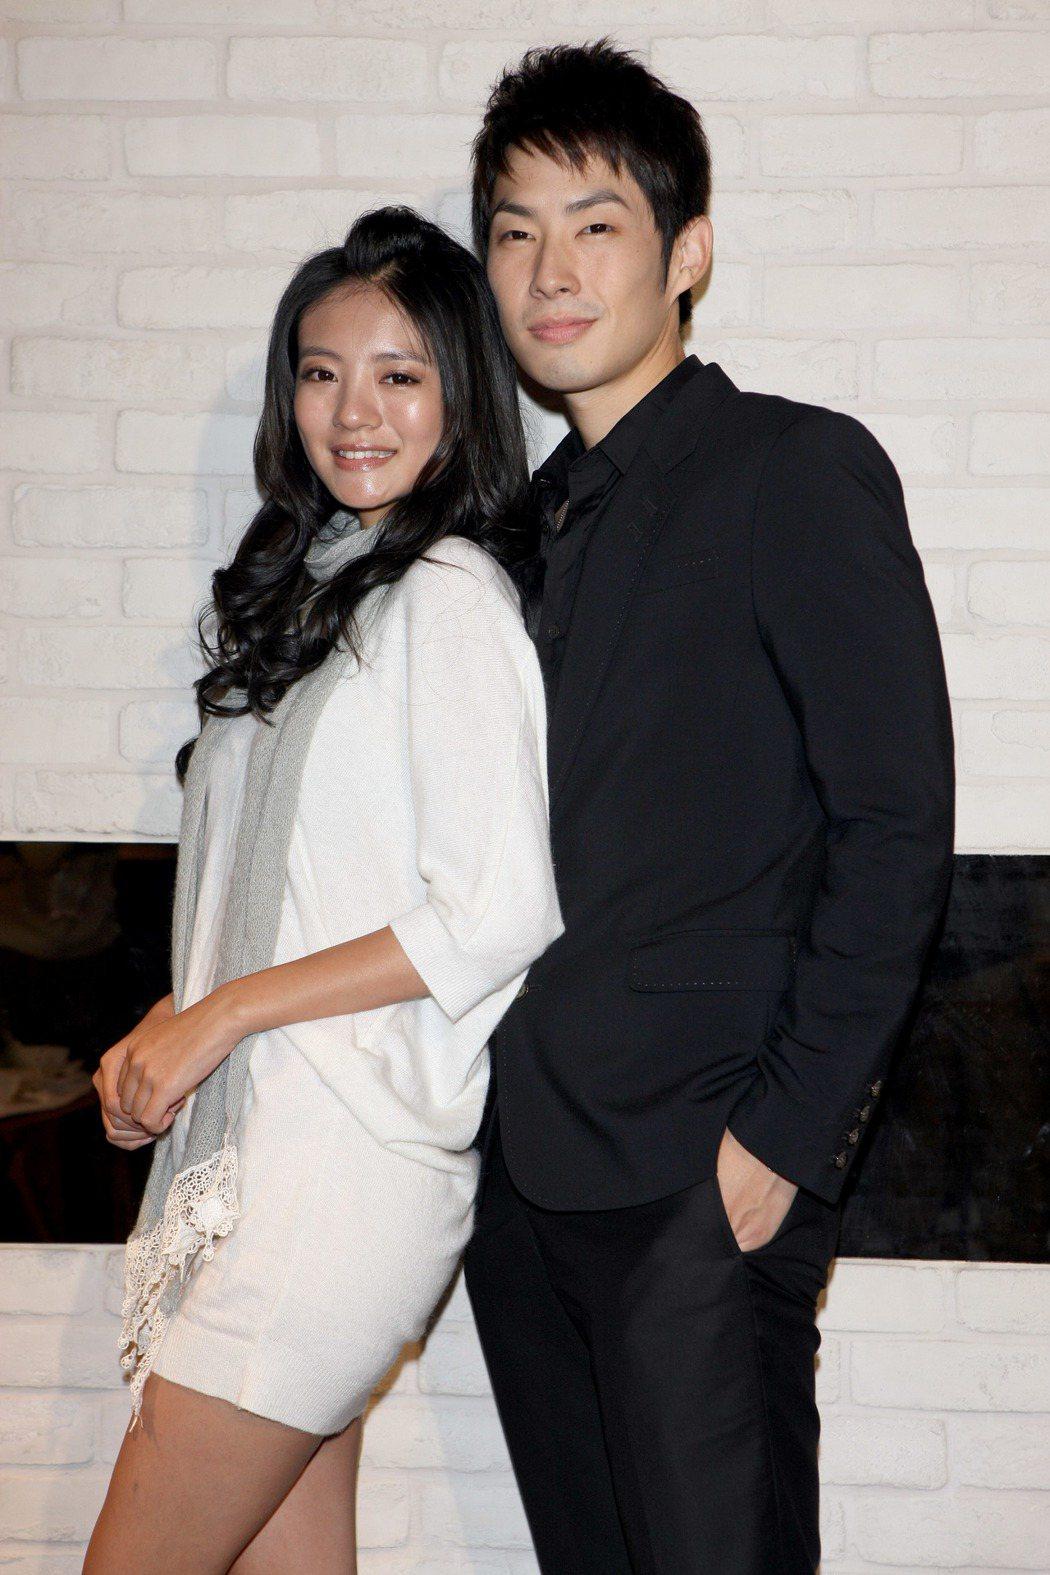 安以軒(左)與吳建豪(右)曾一起合作演出《下一站,幸福》。 圖/聯合報系資料照